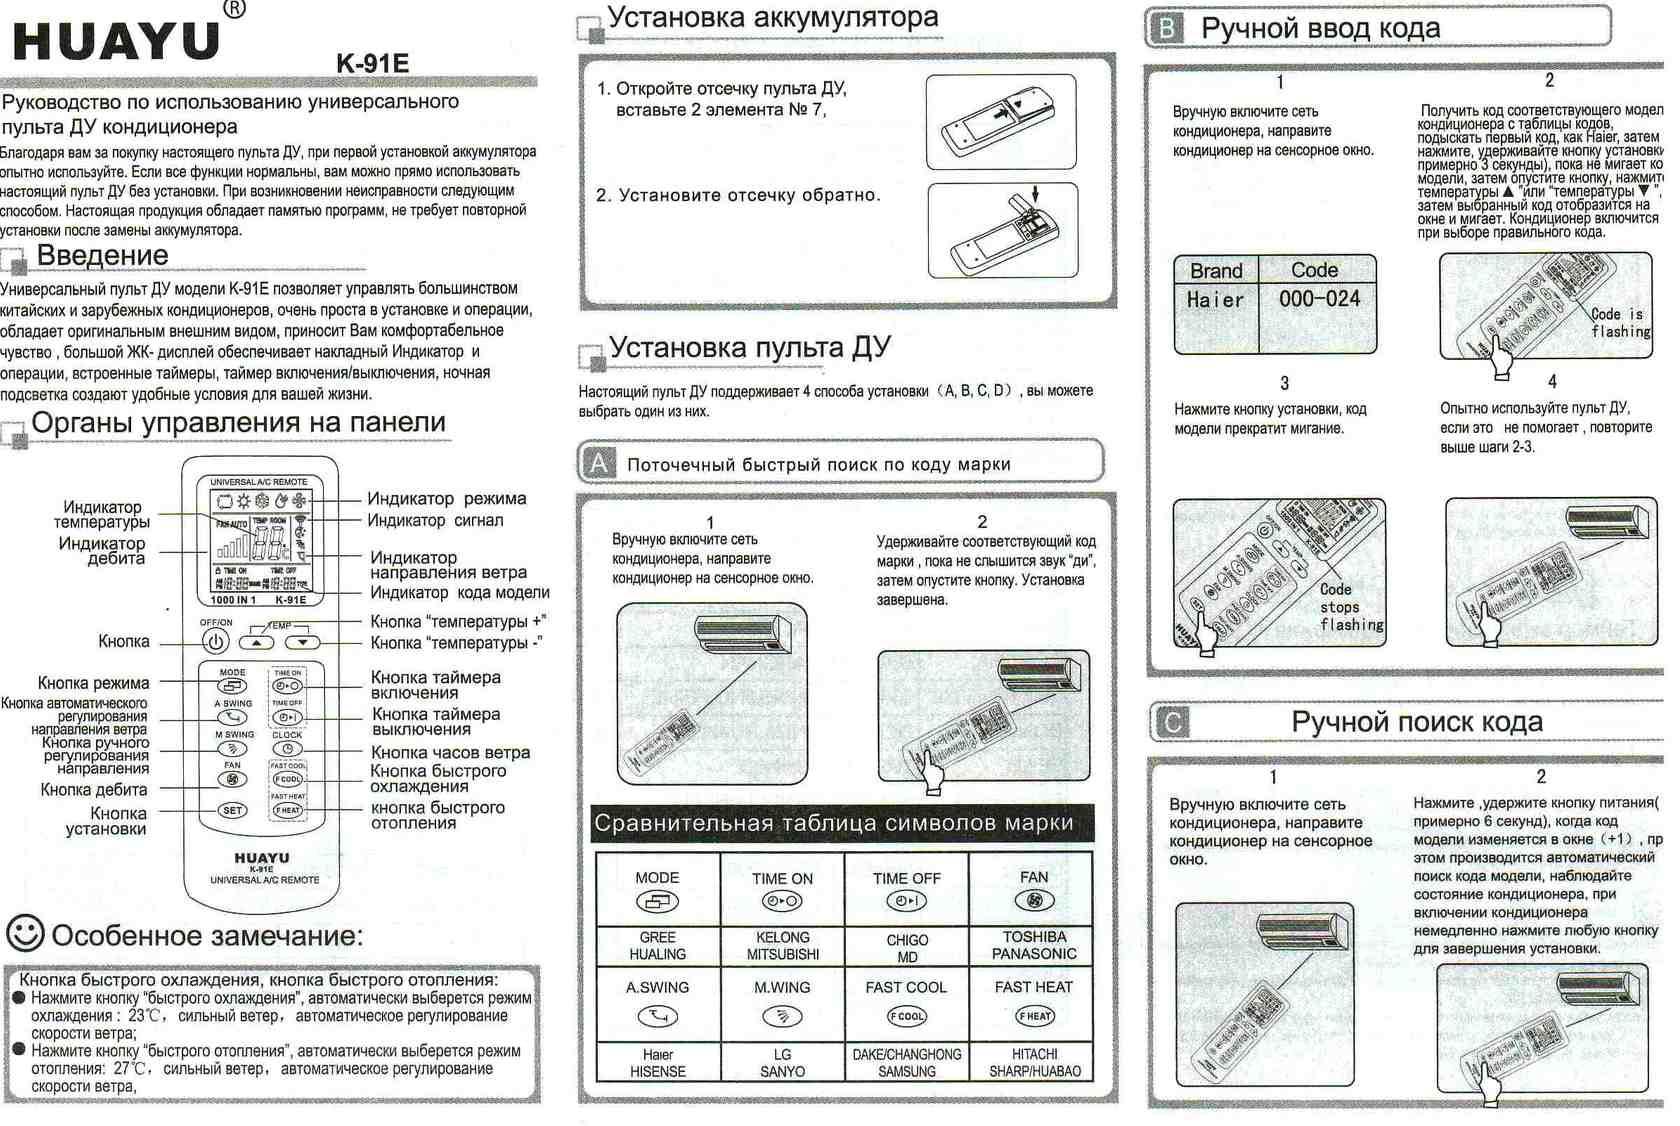 Обзор кондиционеров Funai: коды ошибок, сравнение характеристик моделей